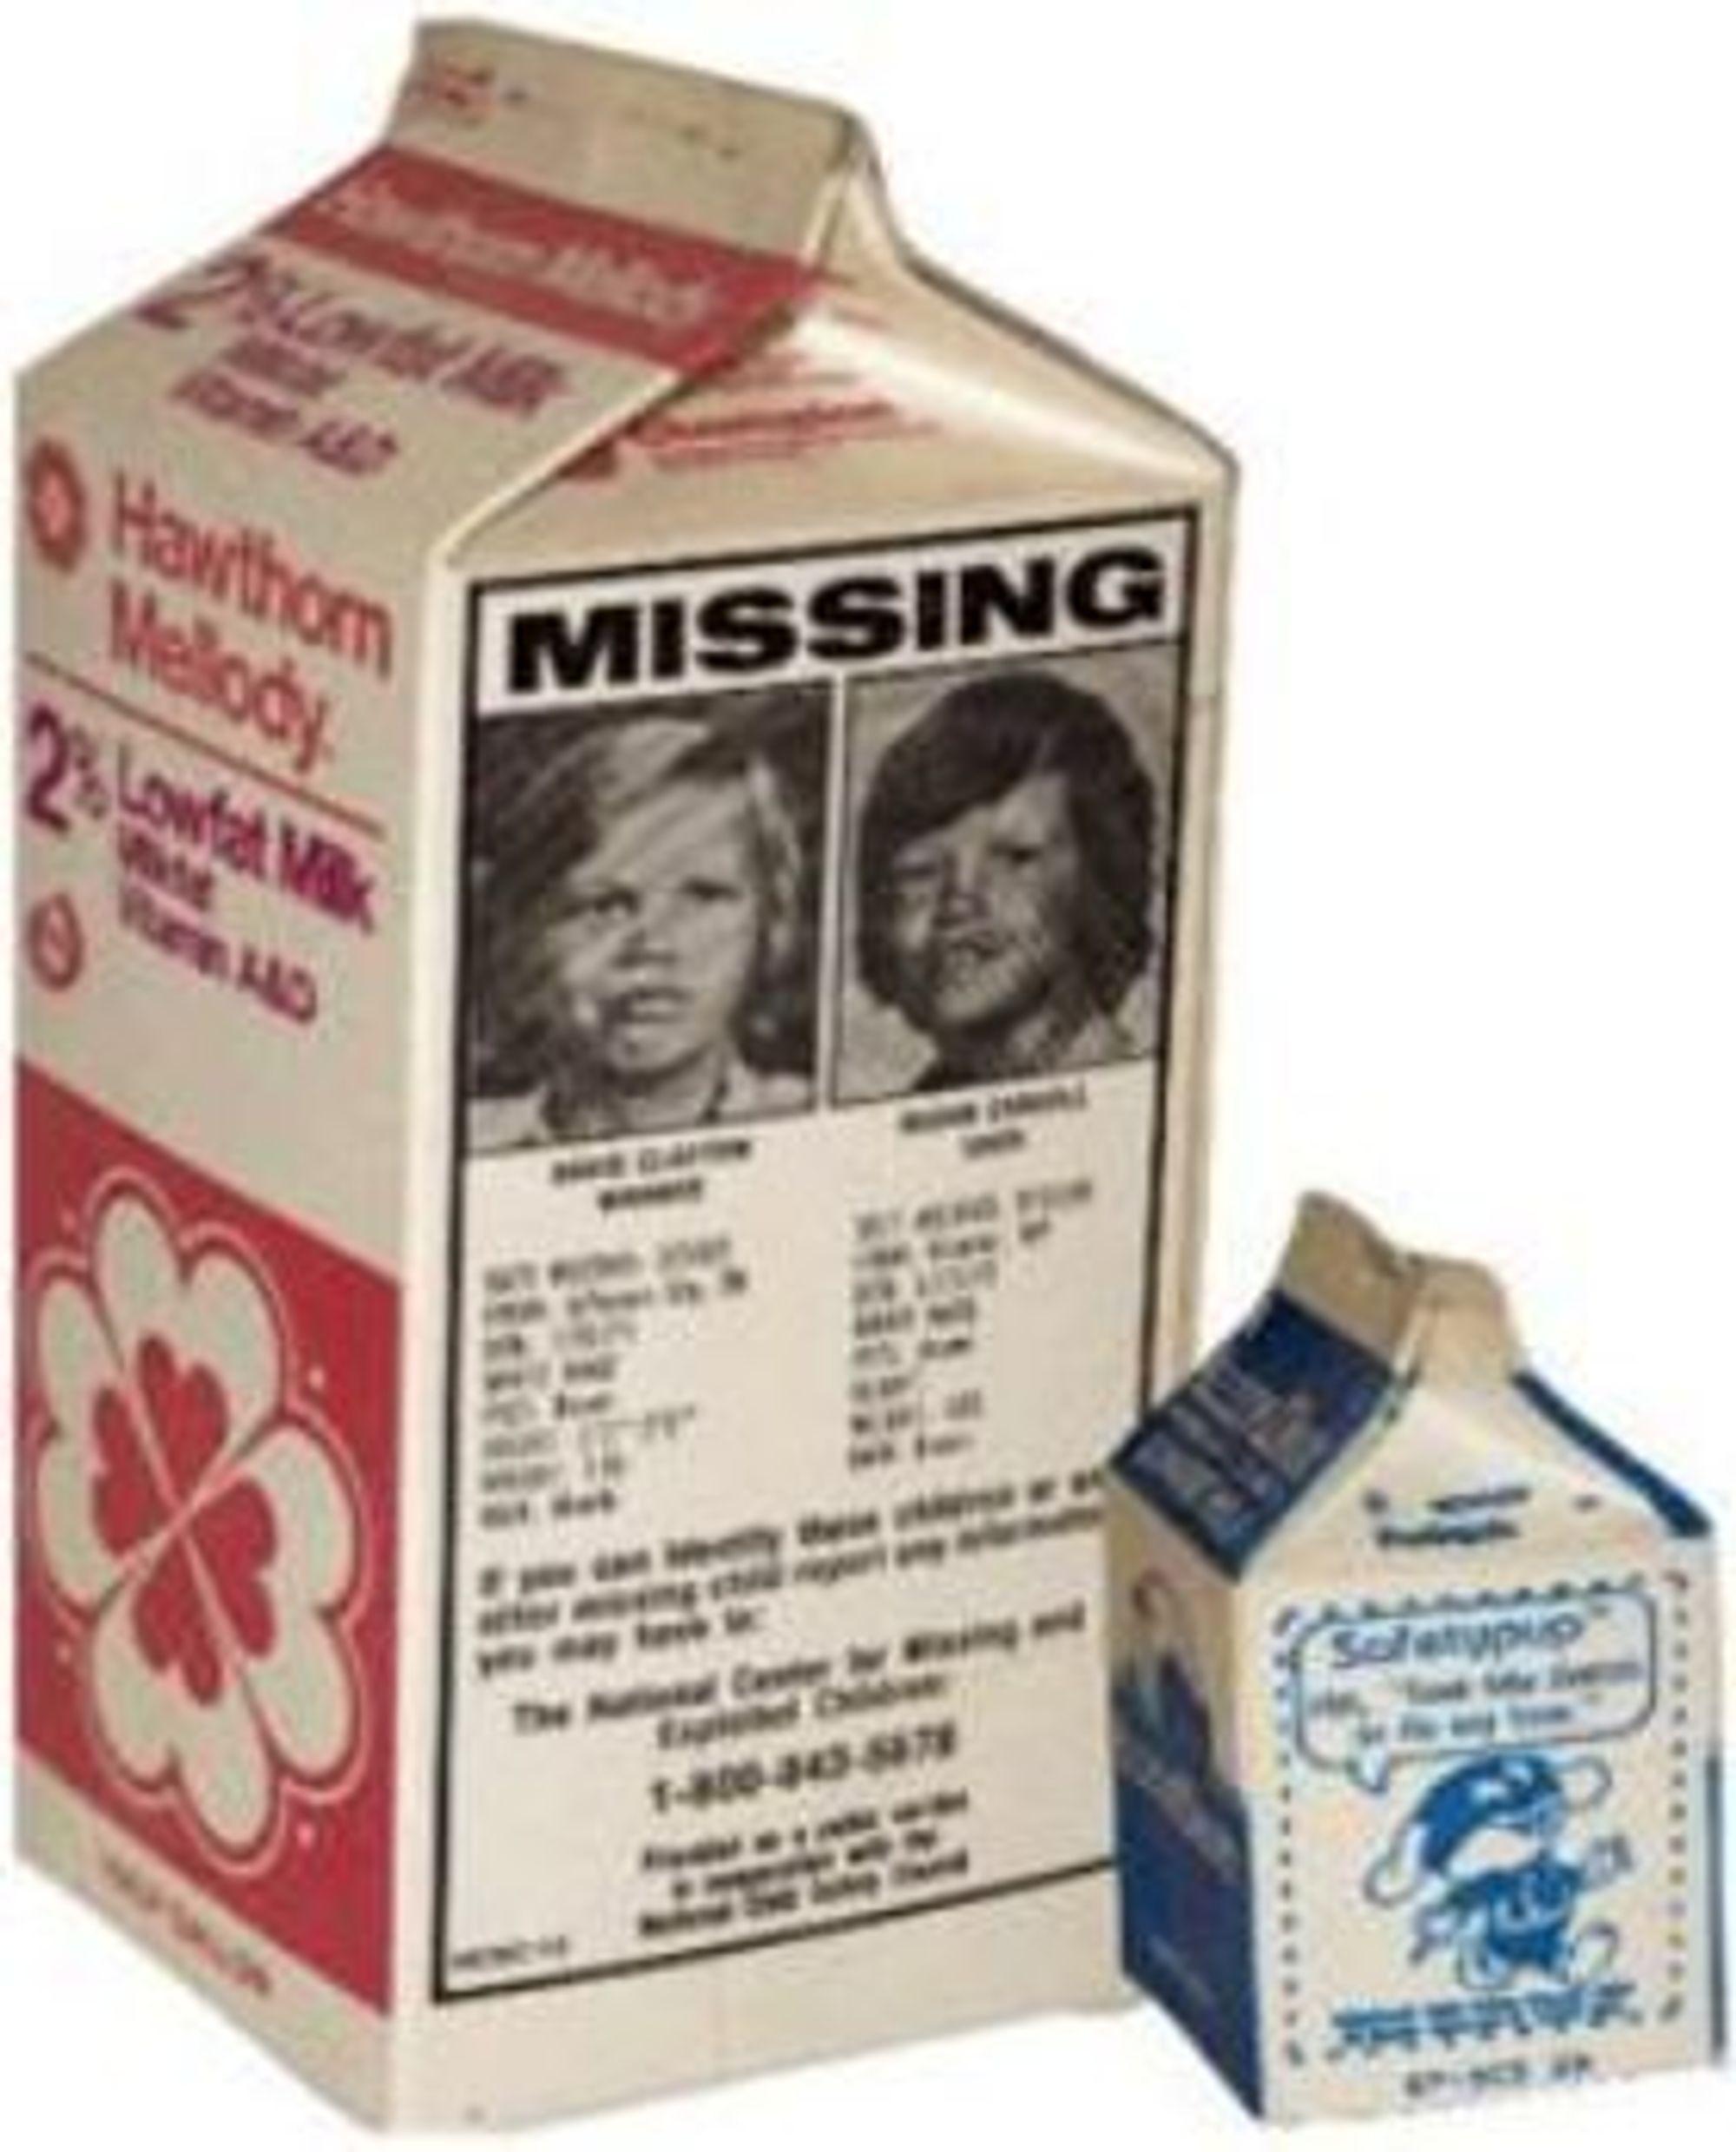 På 1980-tallet ble det vanlig å trykke bilder av savnede barn på melkekartonger i USA. Kan 404-feilmeldingssider på internett bli den moderne tids lerret for det samme?